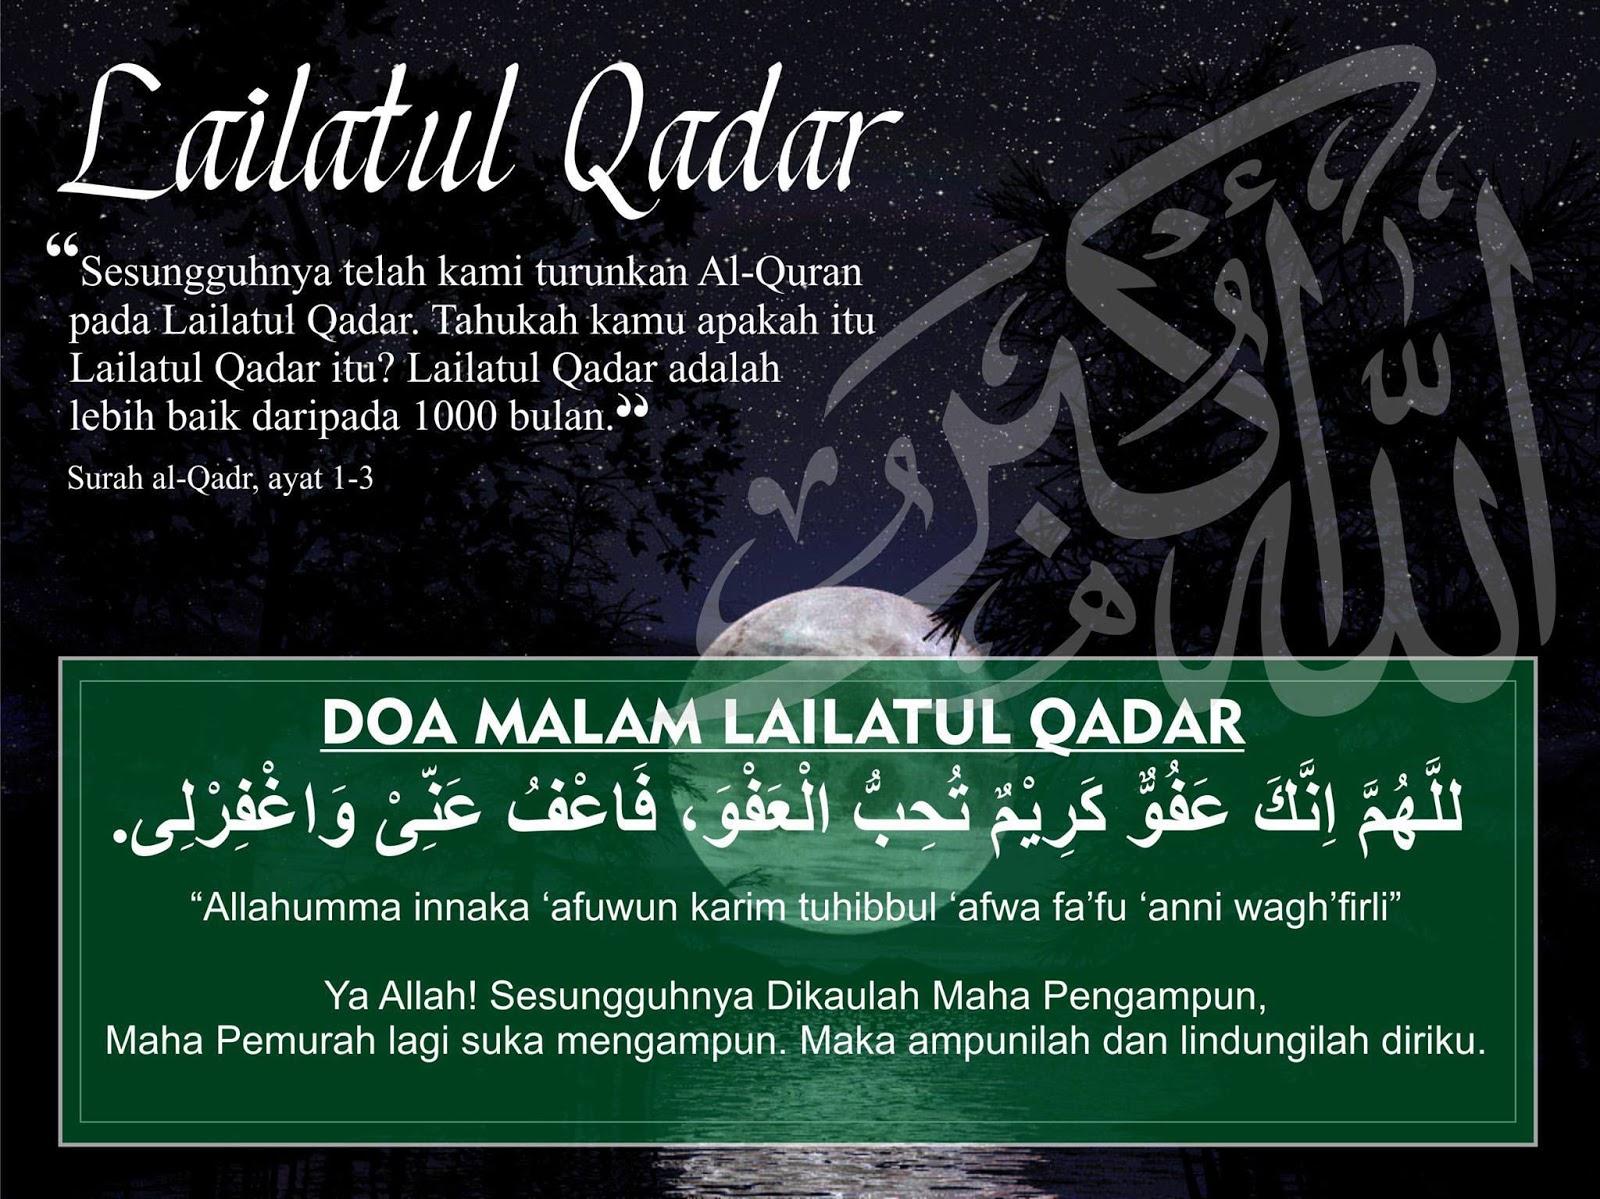 29 Doa Di Malam Lailatul Qadar Photos Kata Mutiara Terbaru